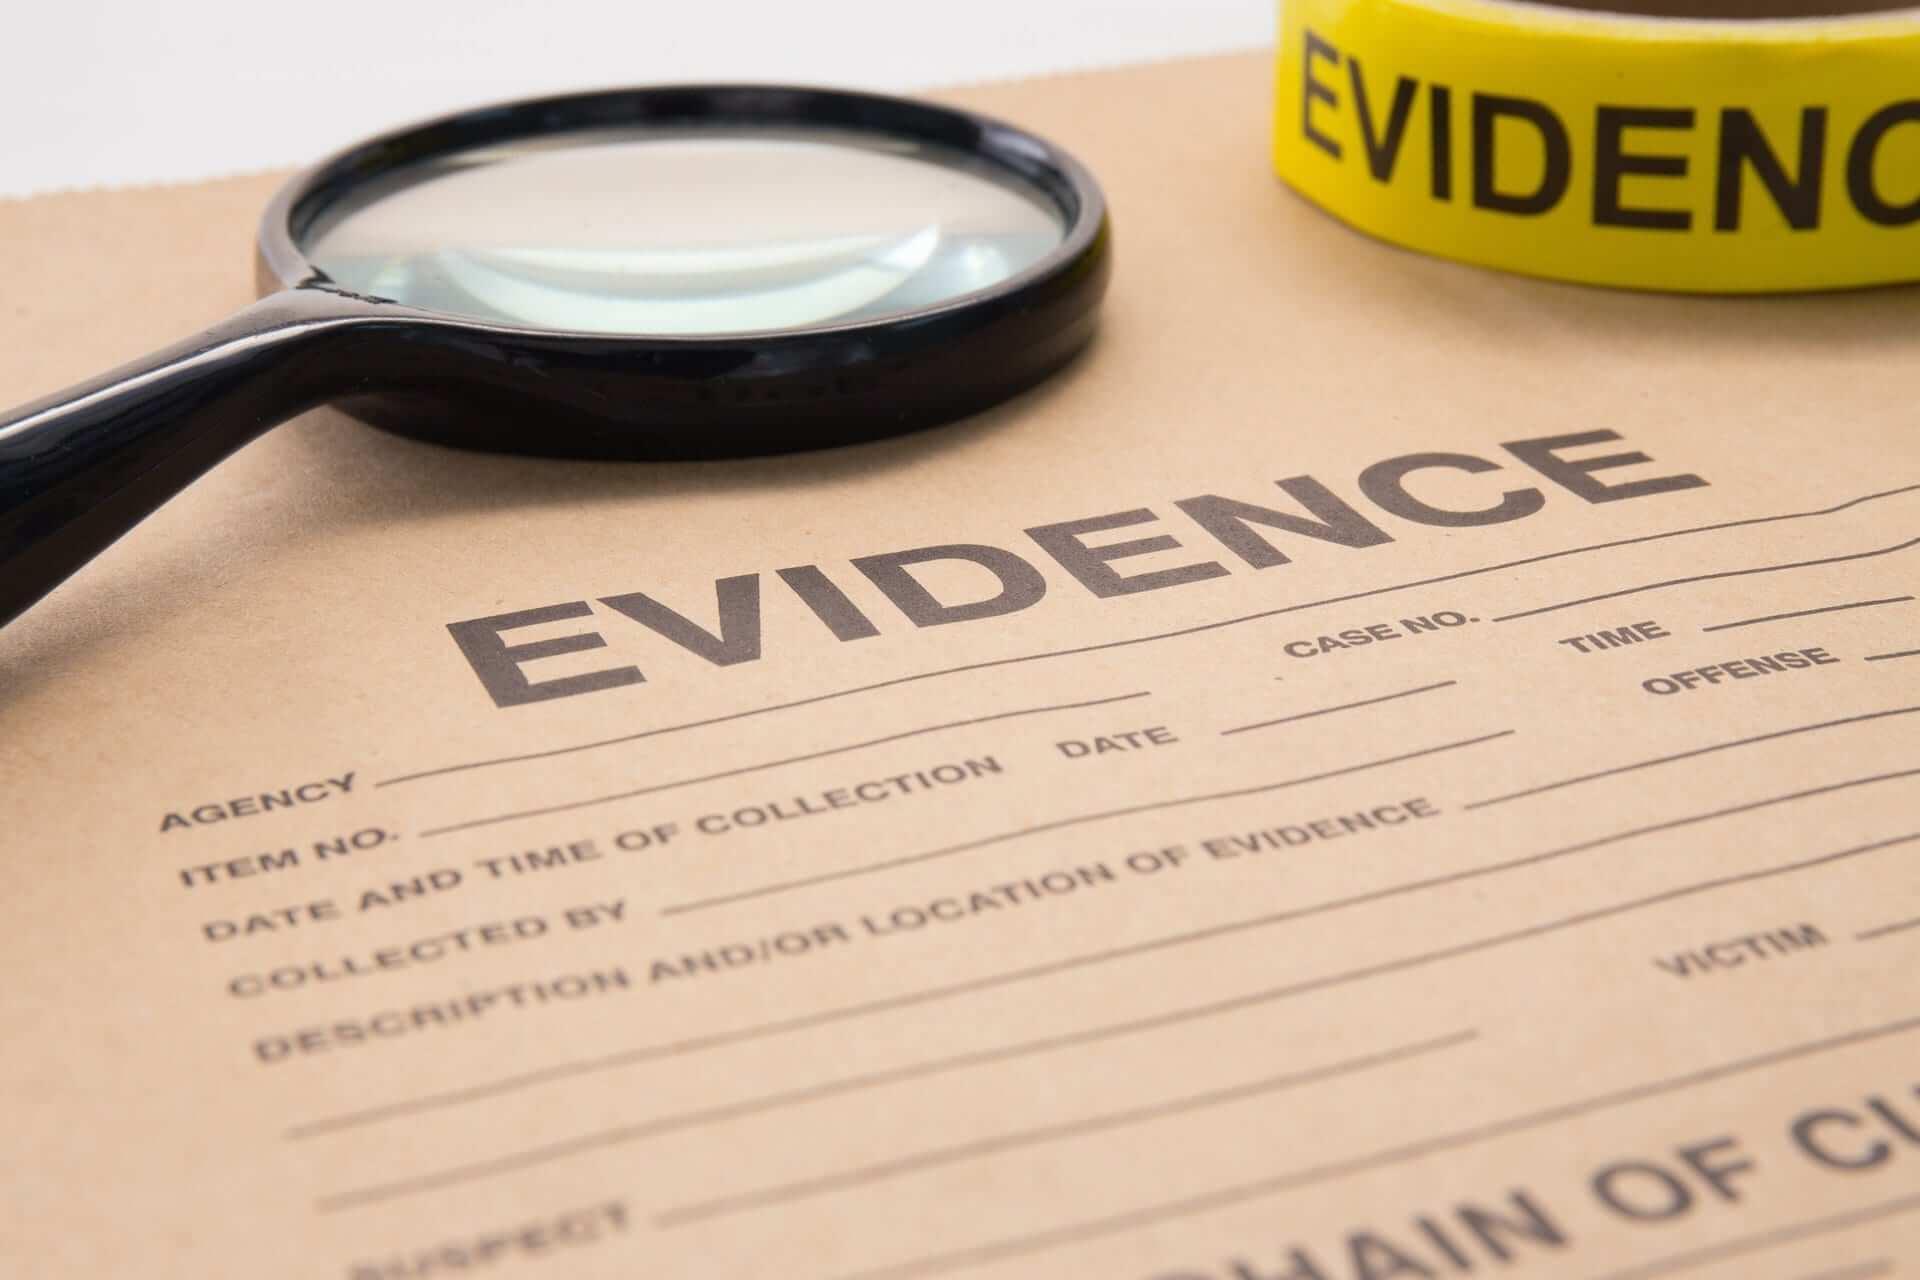 supress evidence drug crime defense attorney